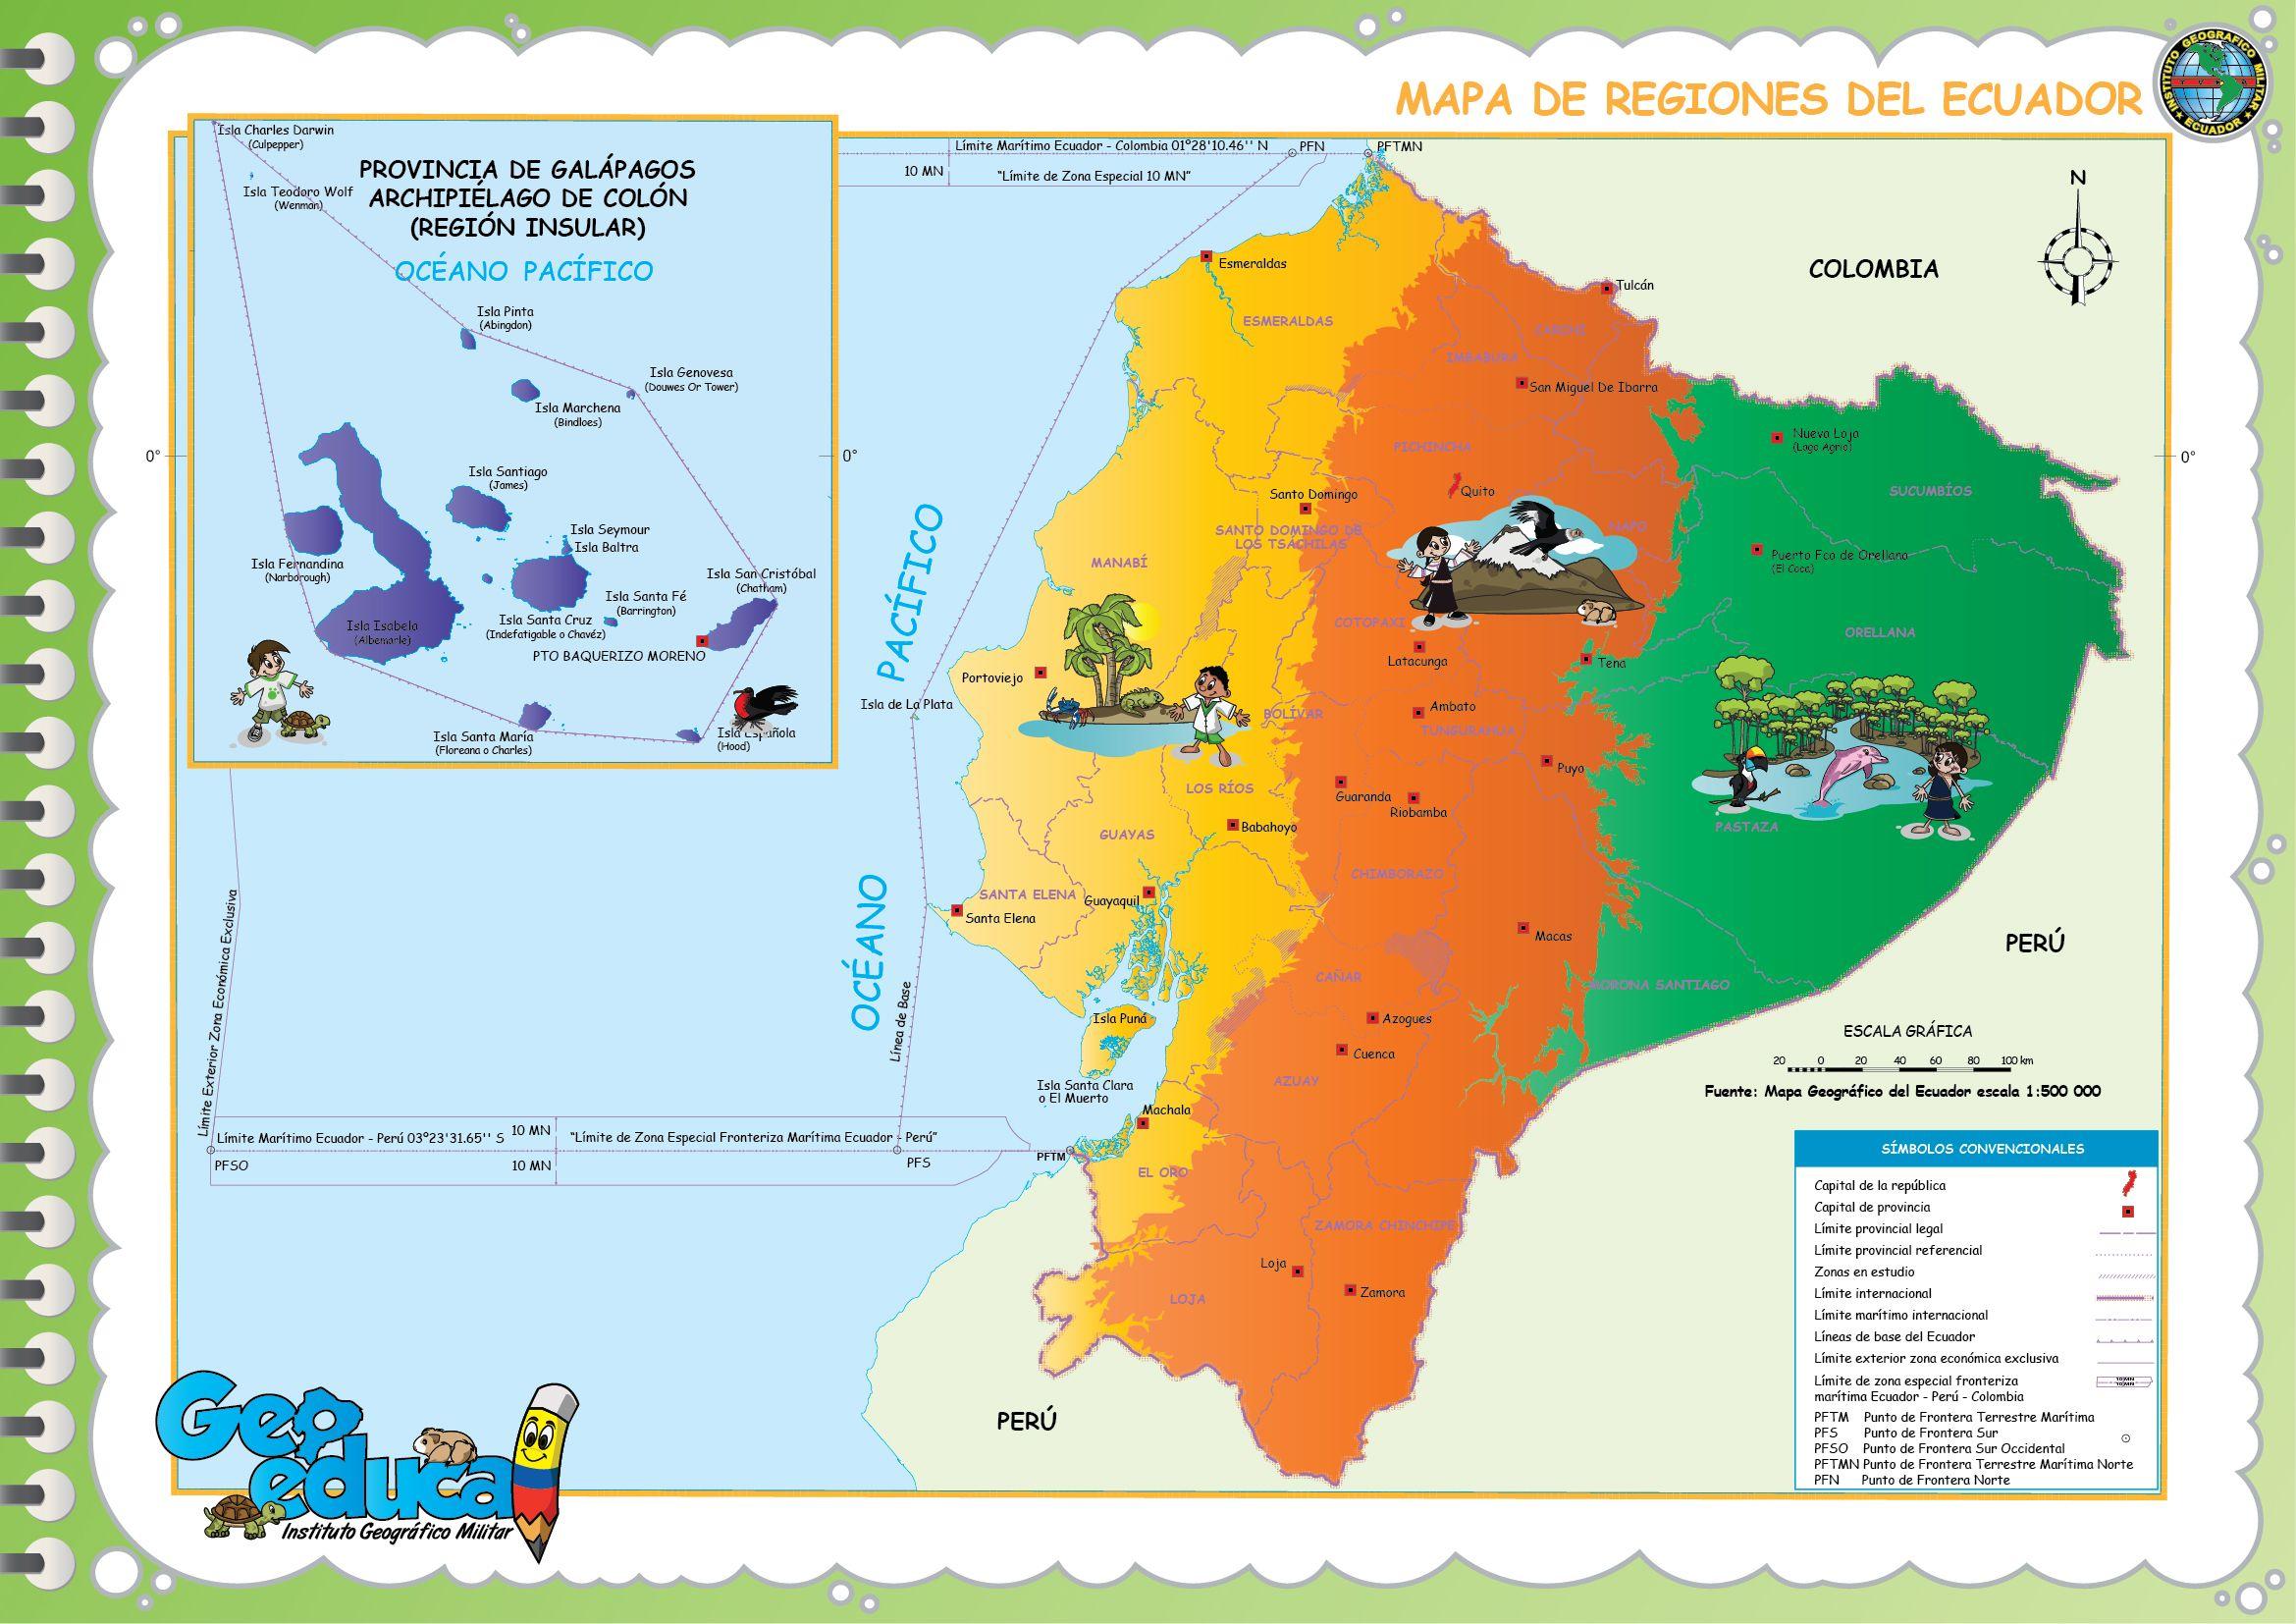 Mapa Regiones Del Ecuador Jpg 2339 1654 Map Map Screenshot